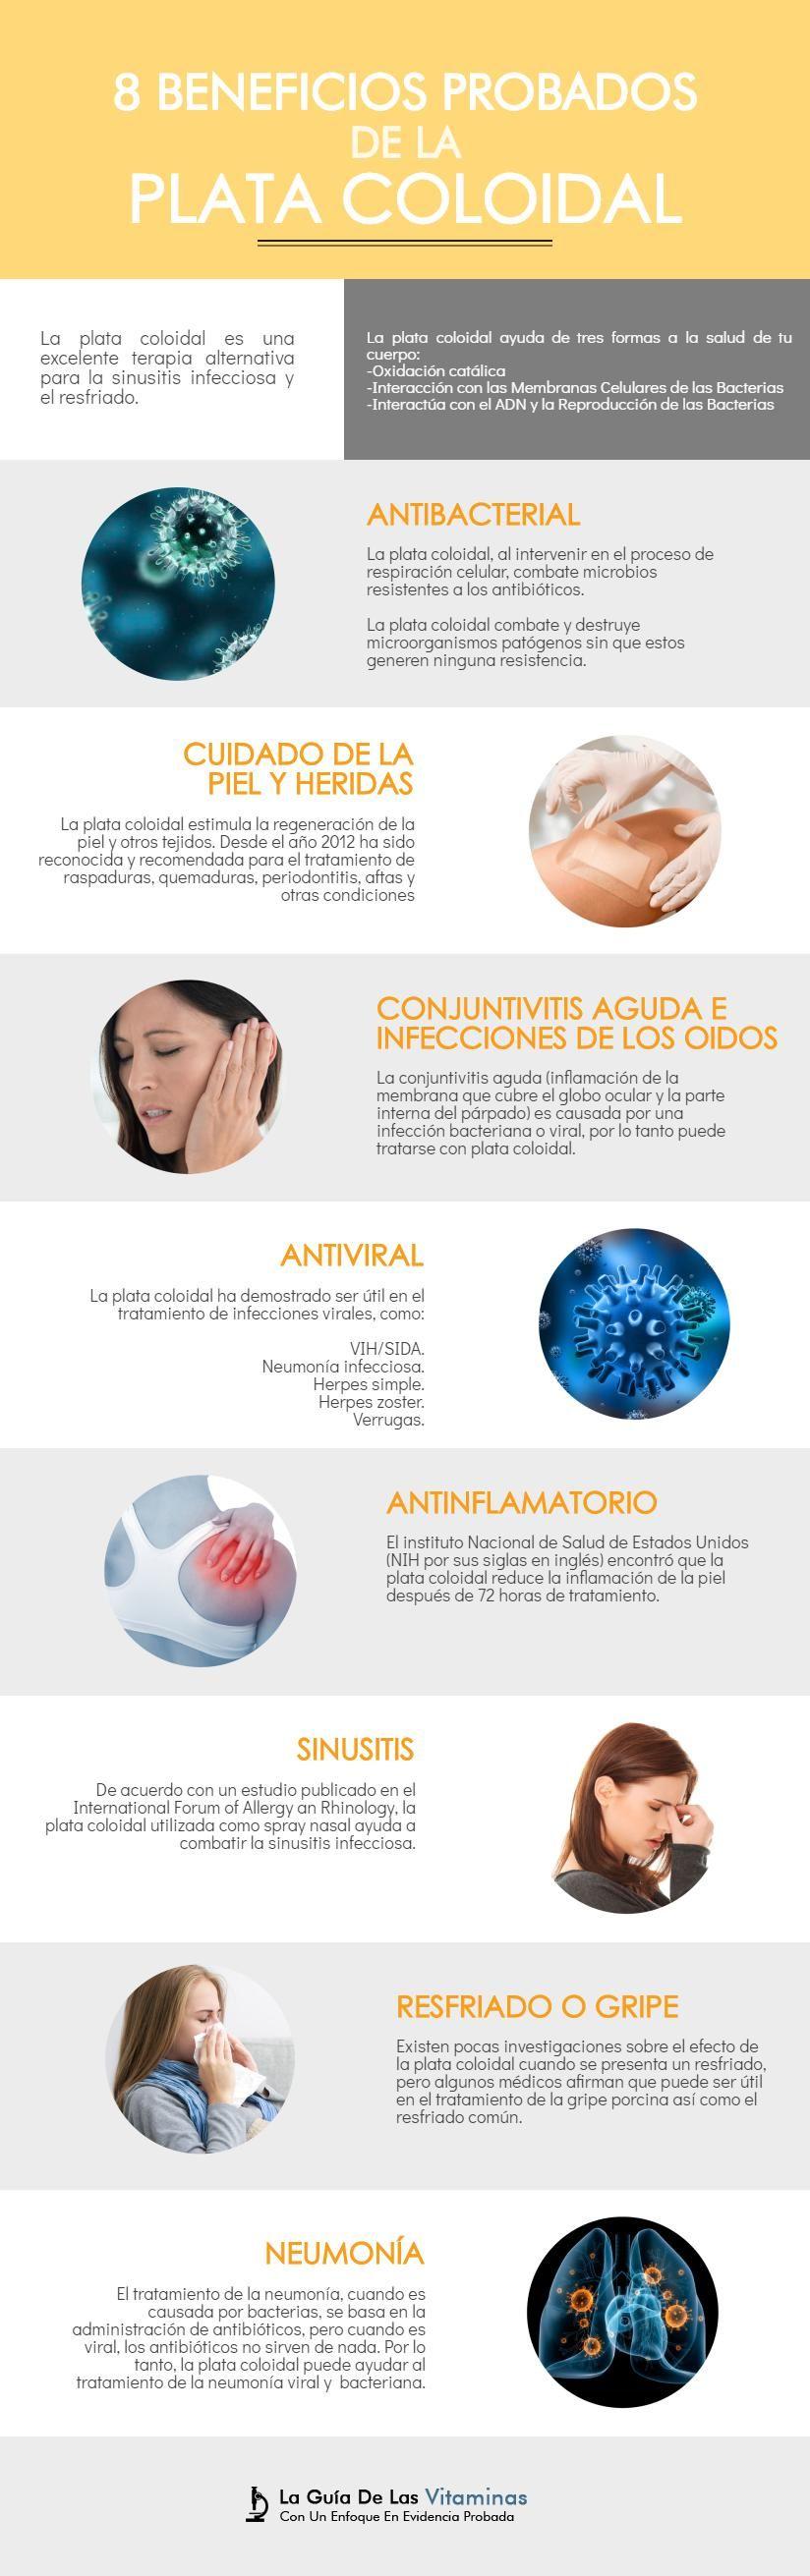 roxy fogyás efectos secundarios az alvás időtartama a fogyáshoz